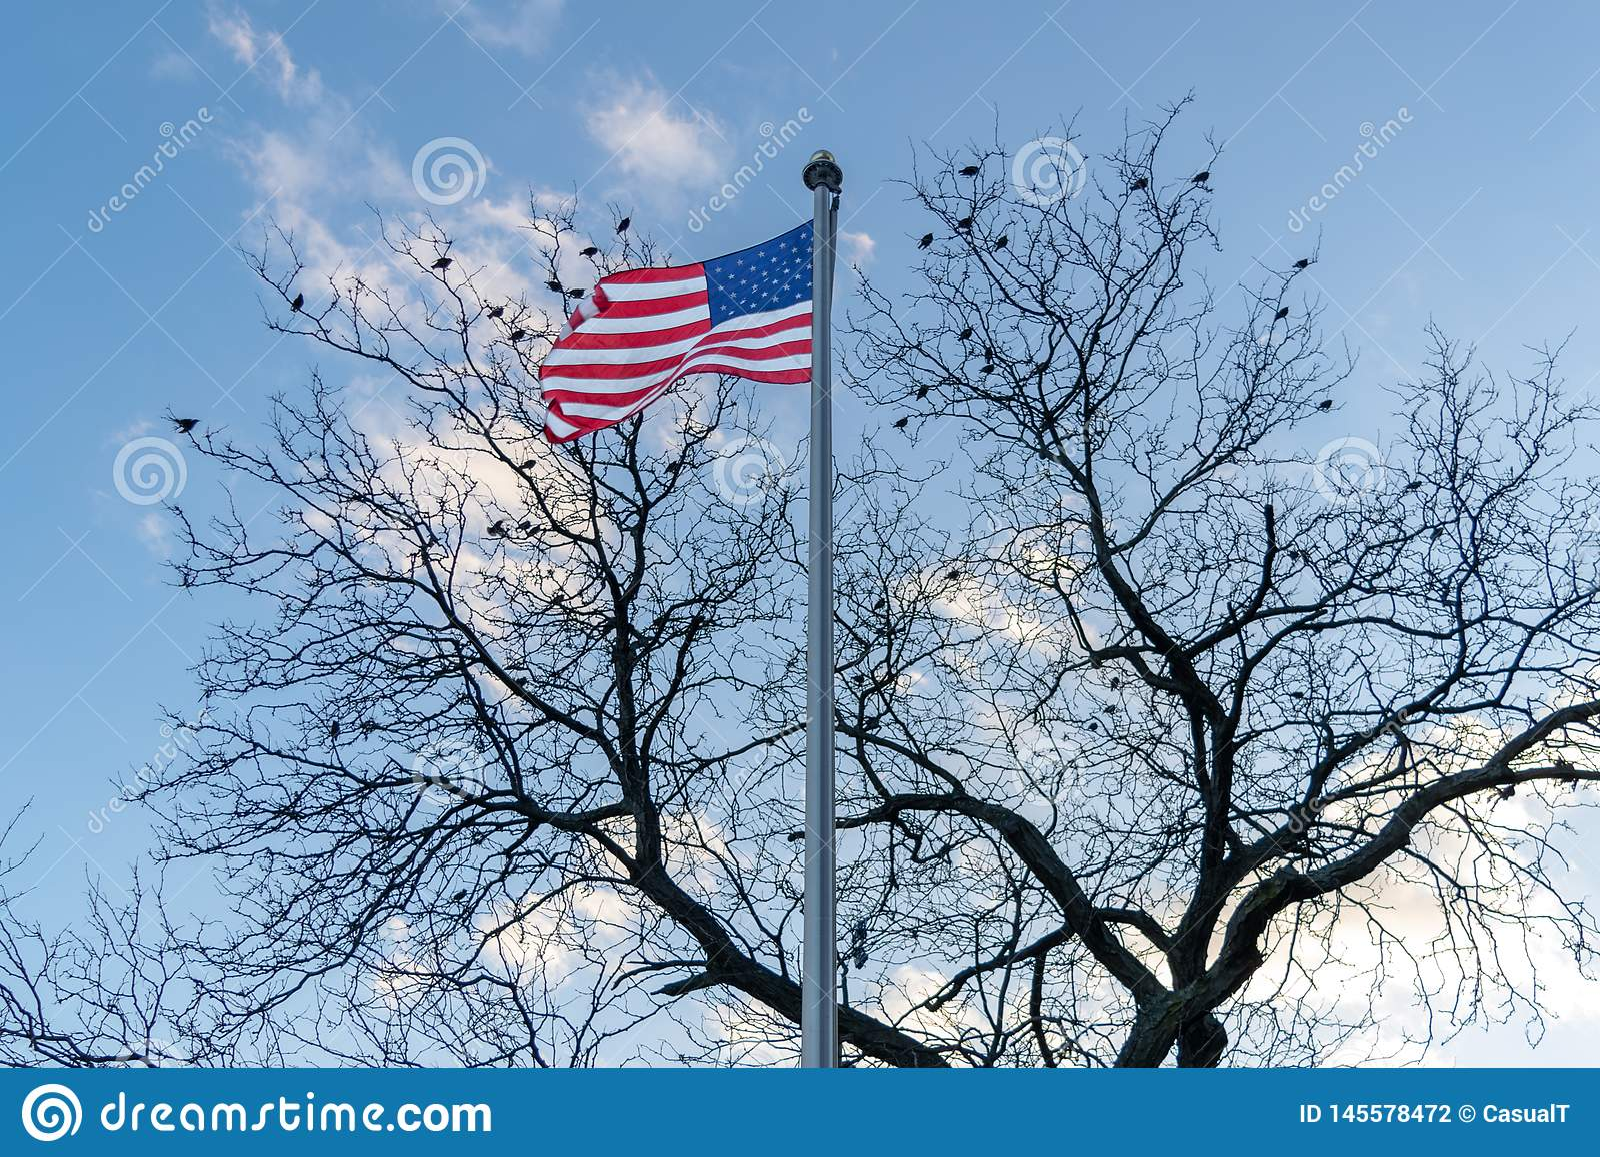 Flaga Ameryka?ska, gwiazdy i lampasy dmucha w wiatrze, ptaki siedzi w bezlistnym drzewie w tle, ?rodek miasta